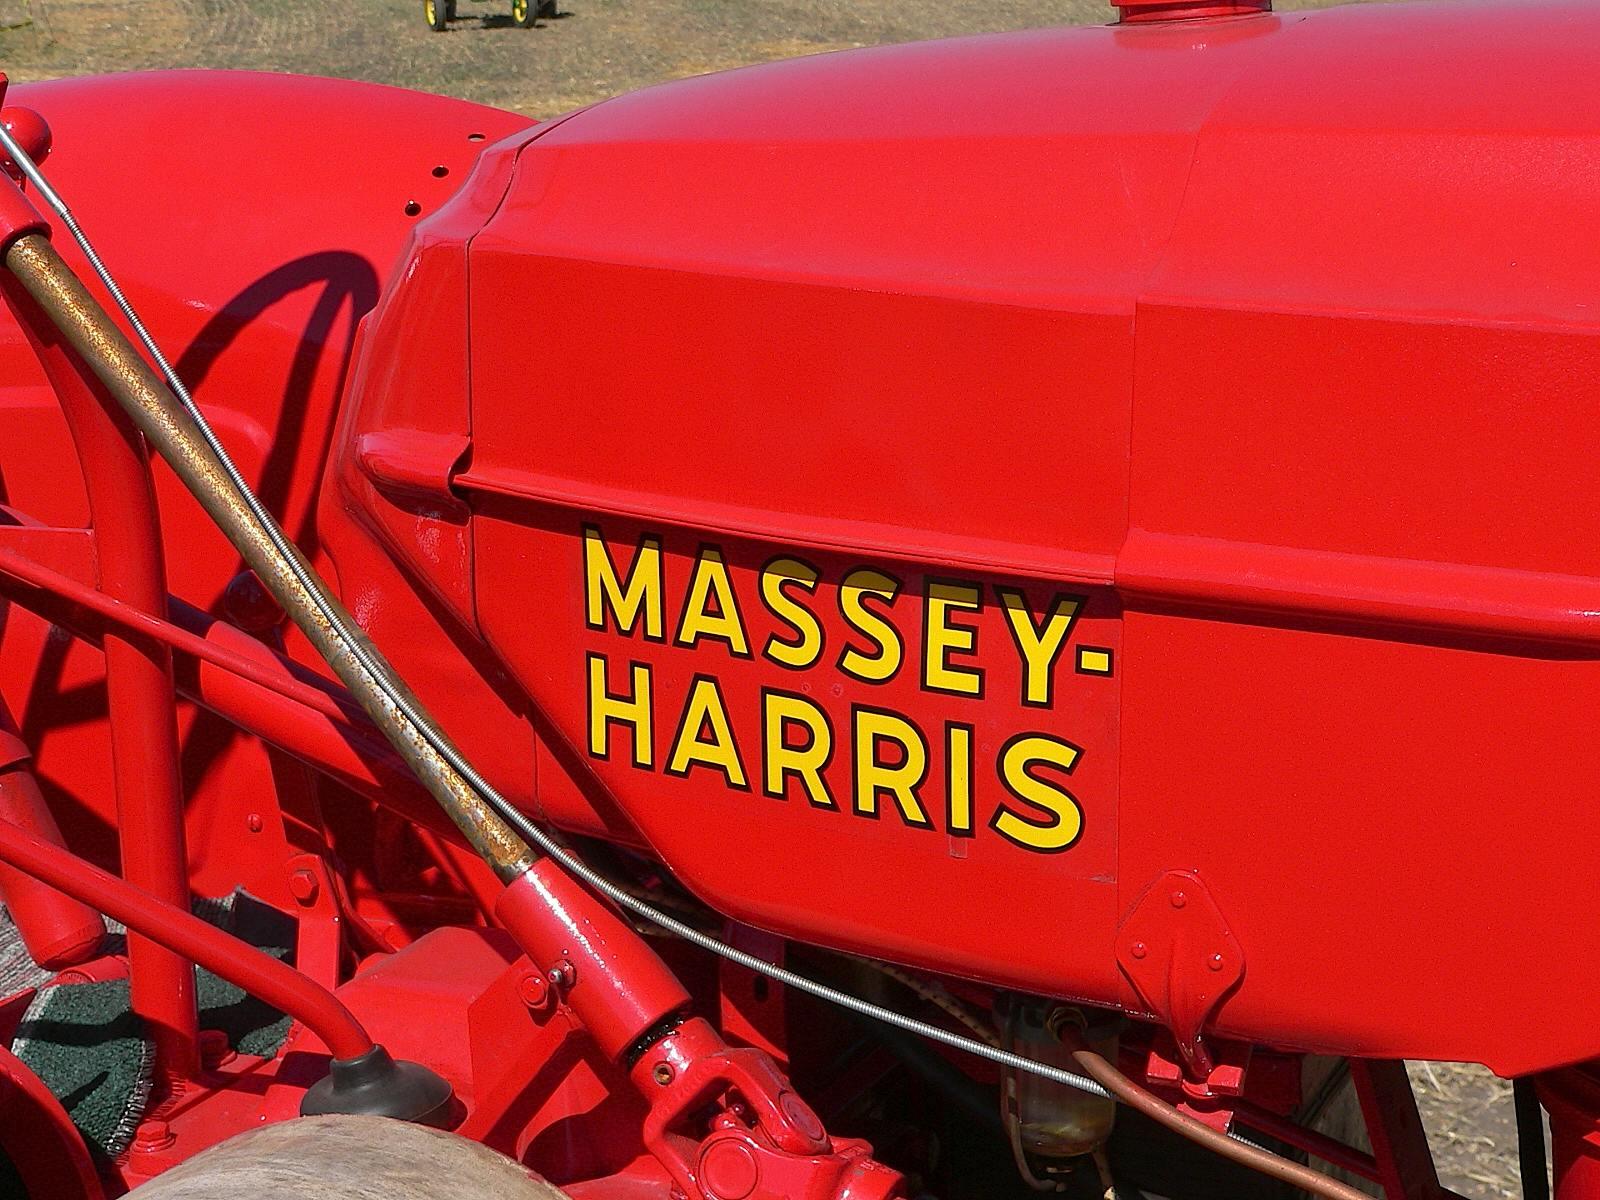 Massey Harris.jpg